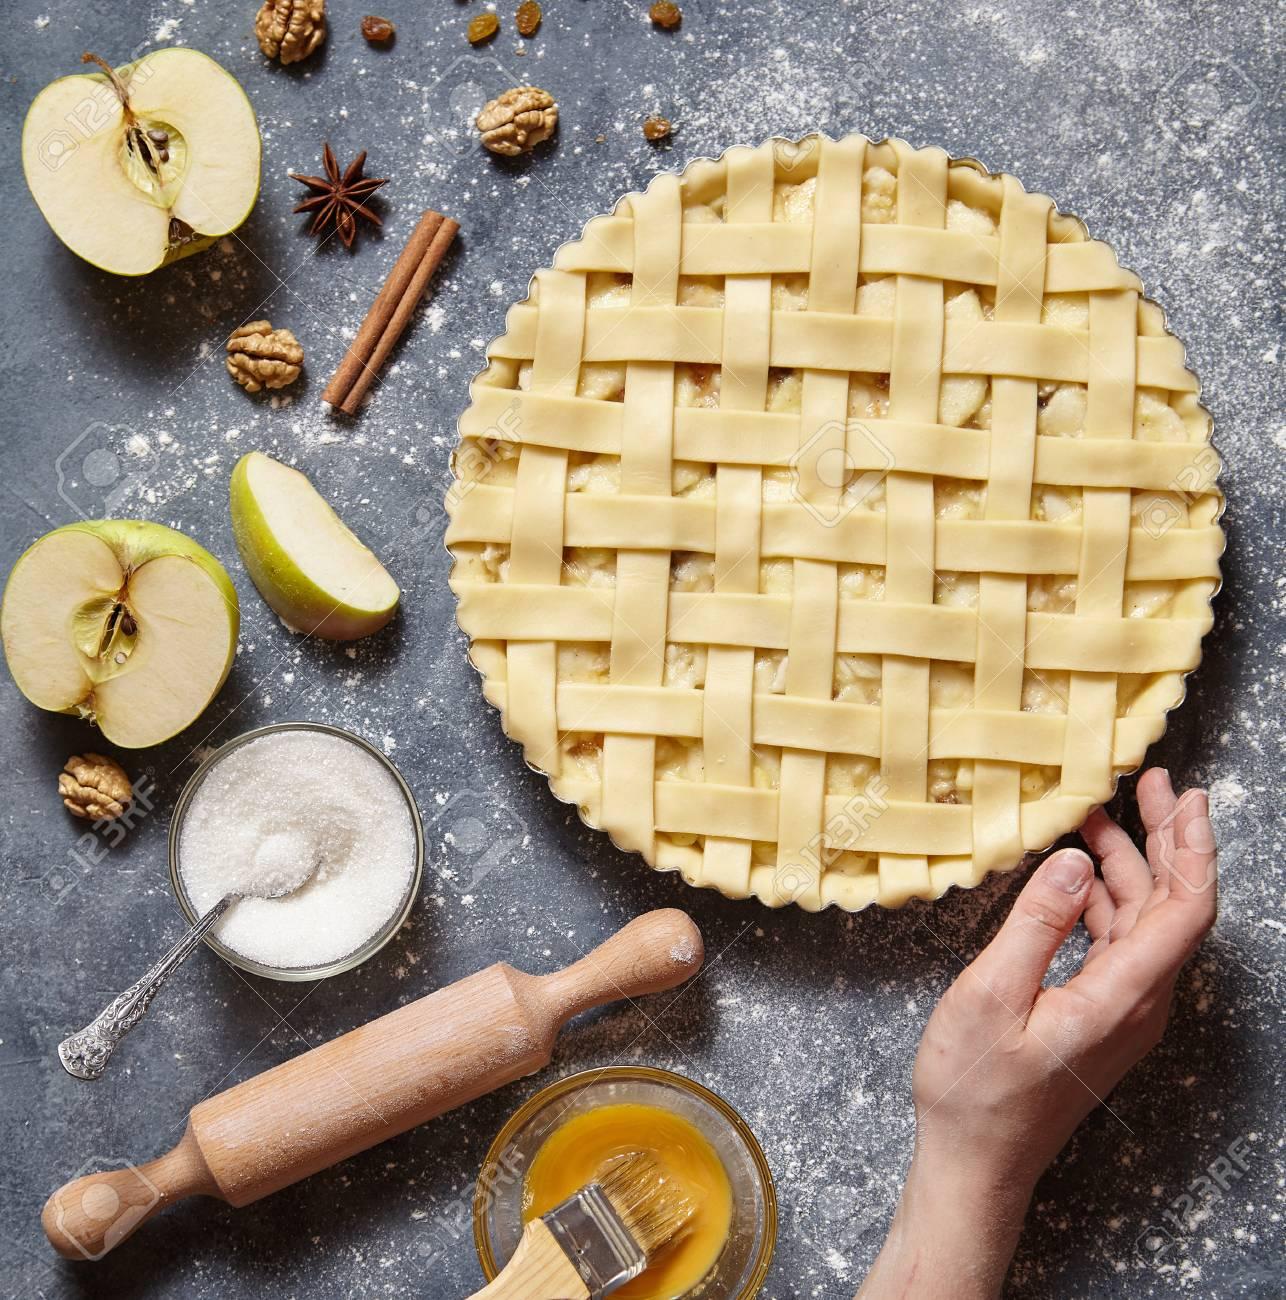 Tarte Aux Pommes Tarte Maison Traditionnelle Américaine Dessert